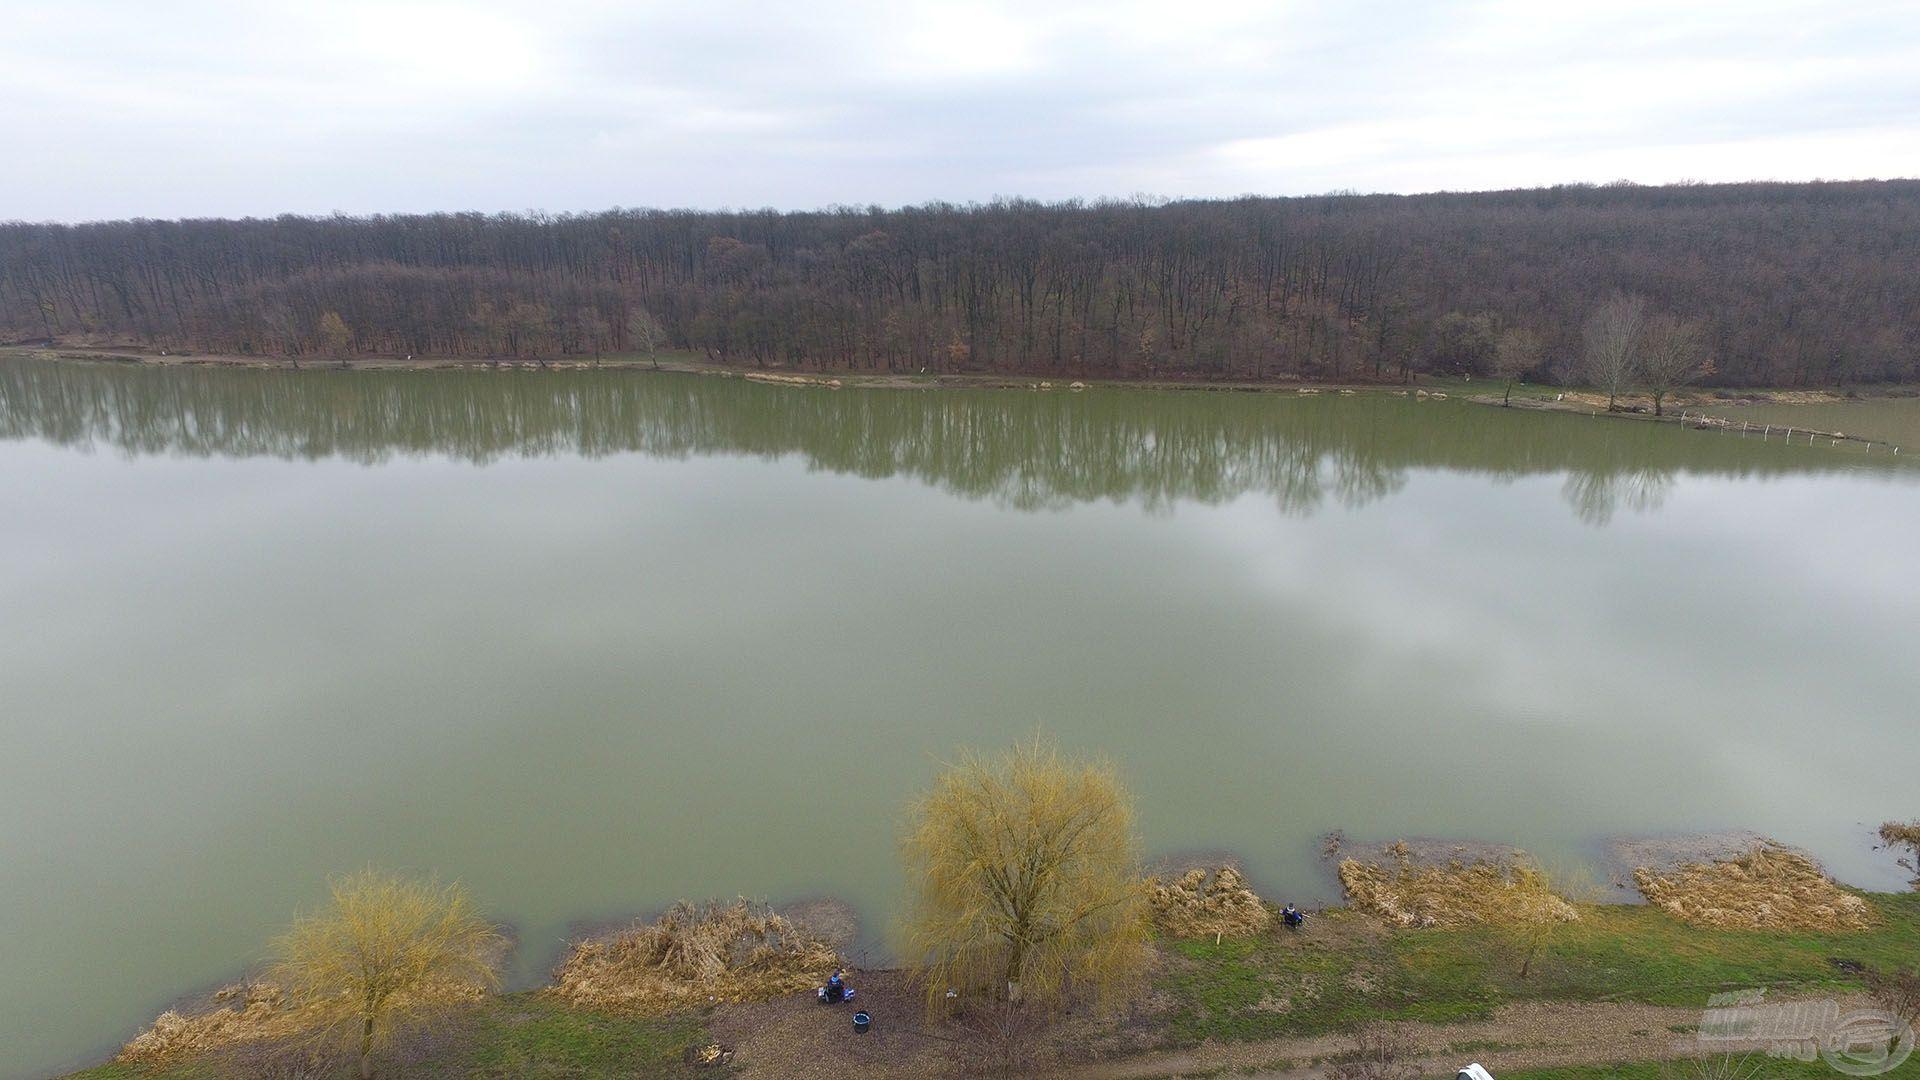 A gyönyörű környezetben fekvő, impozáns méretekkel bíró tó a nagyponty-horgászok egyik kedvelt célállomása